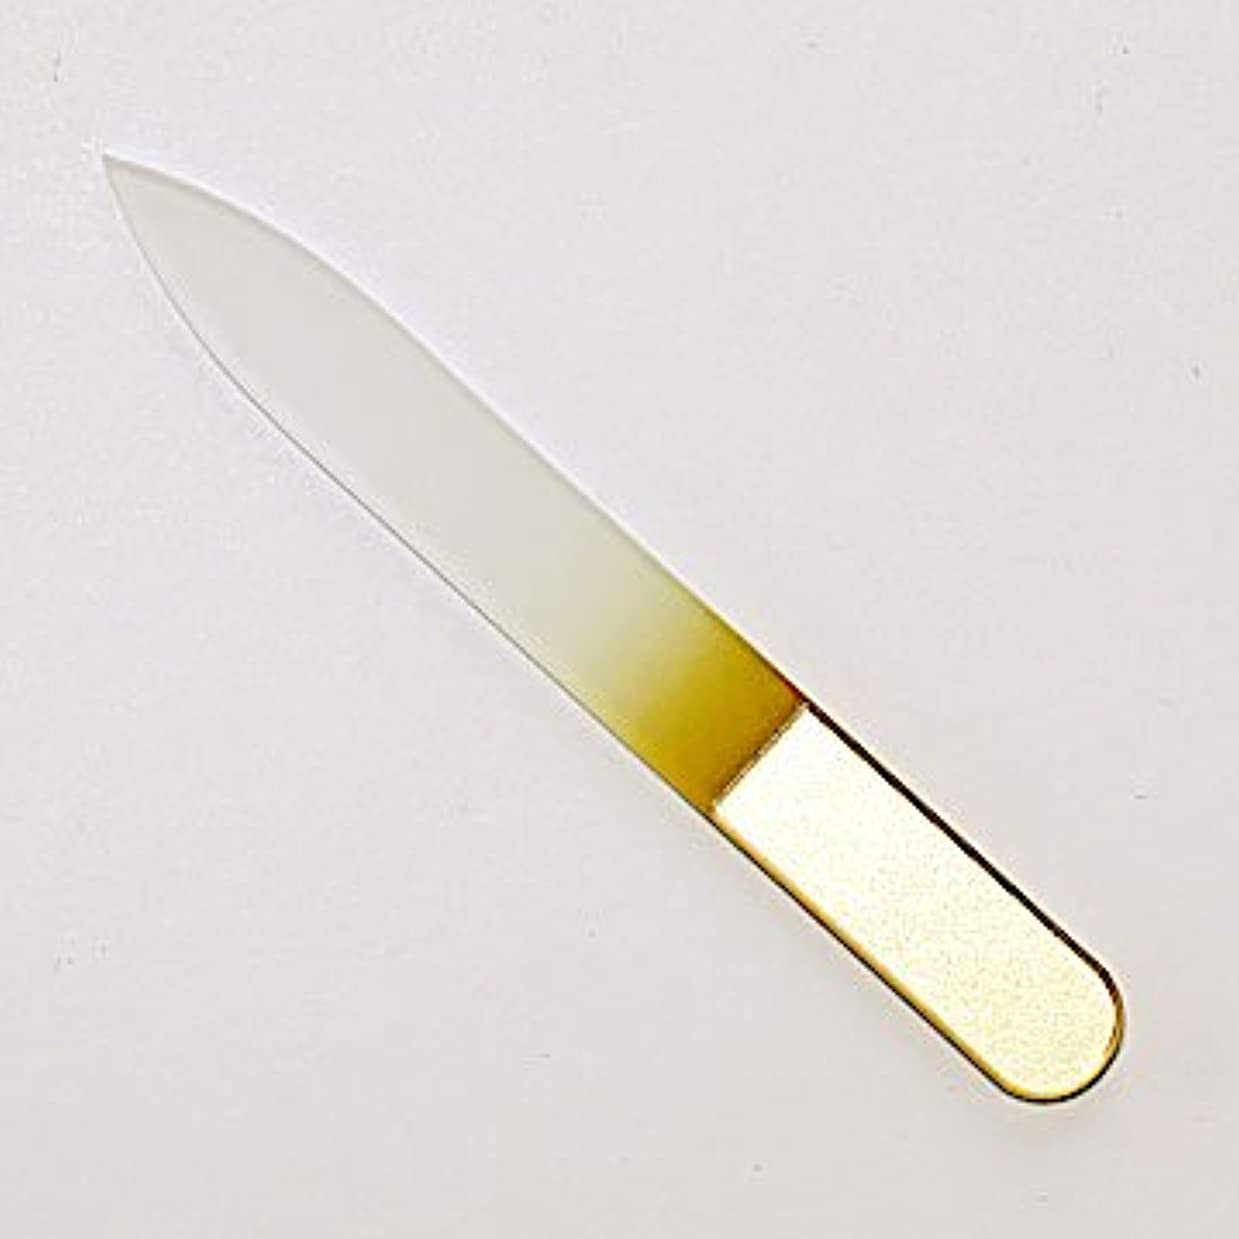 過言泥だらけ最も遠いチェコ製 AXiON(アクシオン)ガラス製爪ヤスリ(ゴールド)両面タイプ #slg009614fba